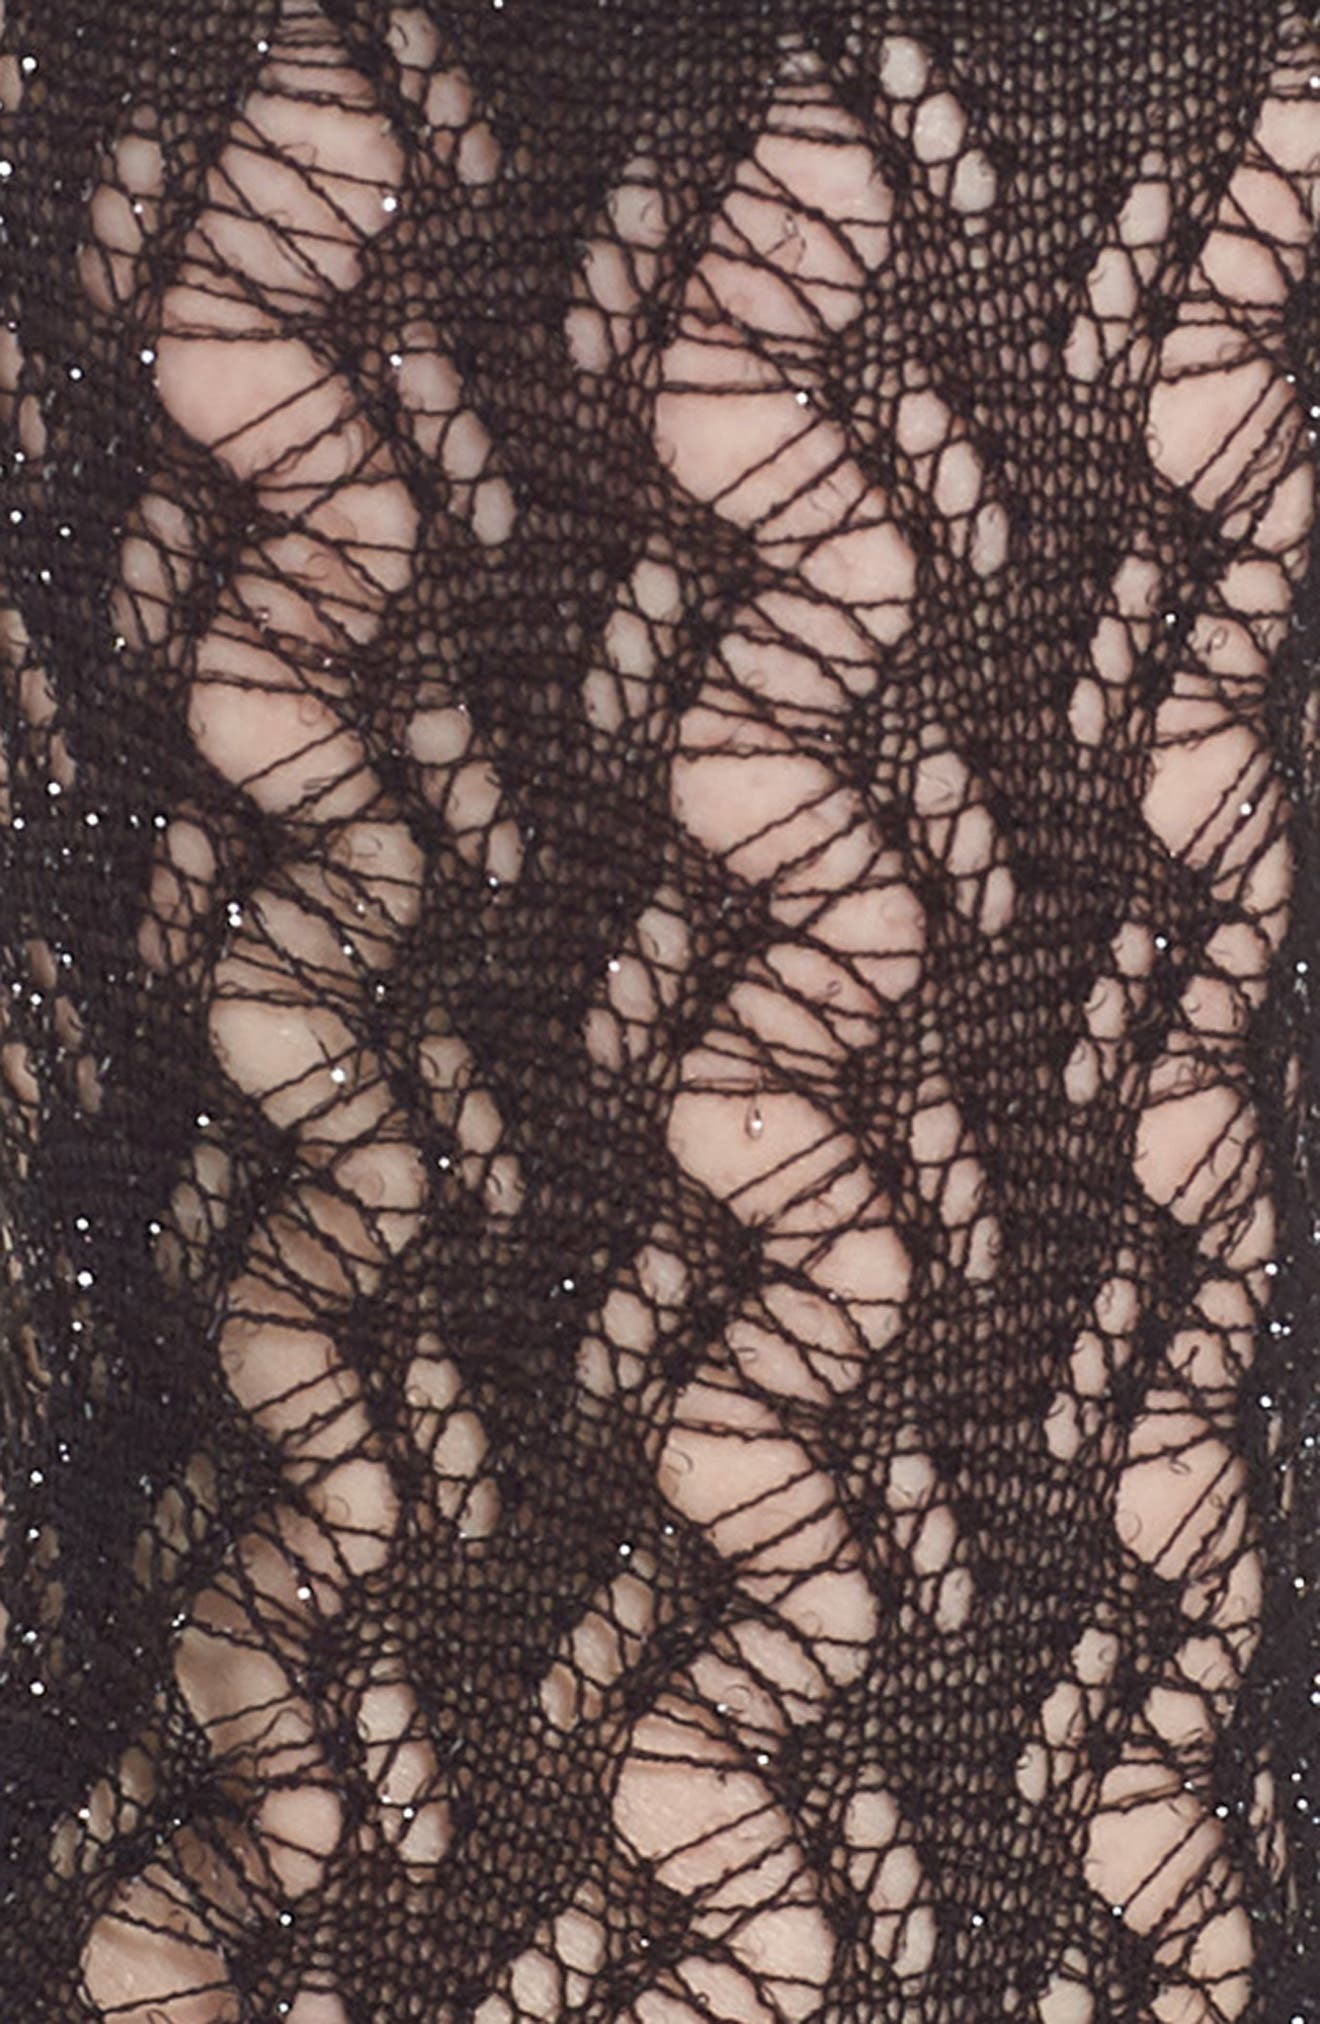 Calzino Glitter Fishnet Trouser Socks,                             Alternate thumbnail 2, color,                             001